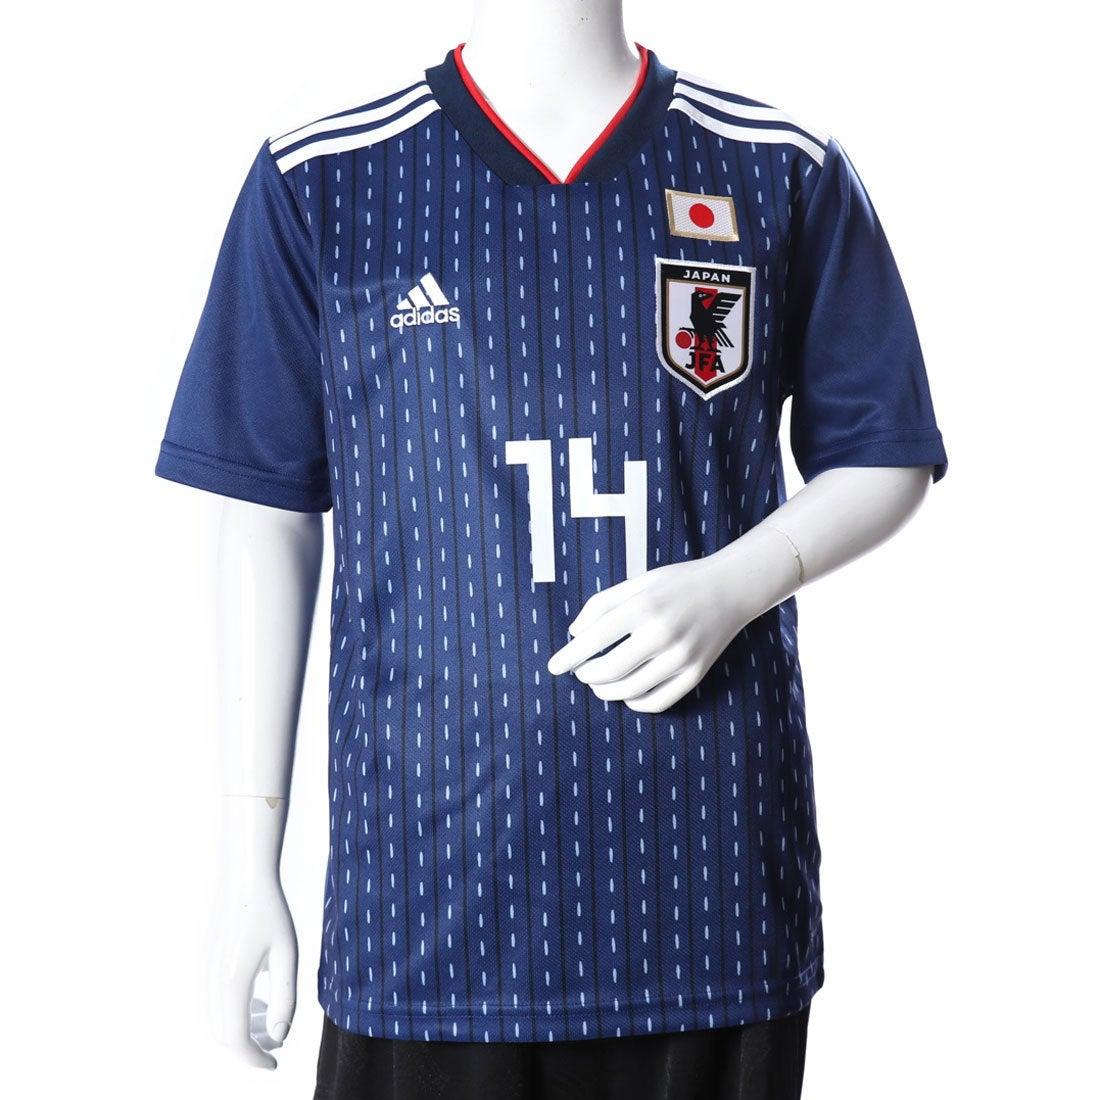 アディダス adidas サッカー キッズ 日本代表ホームレプリカユニフォーム(14番 乾貴士)